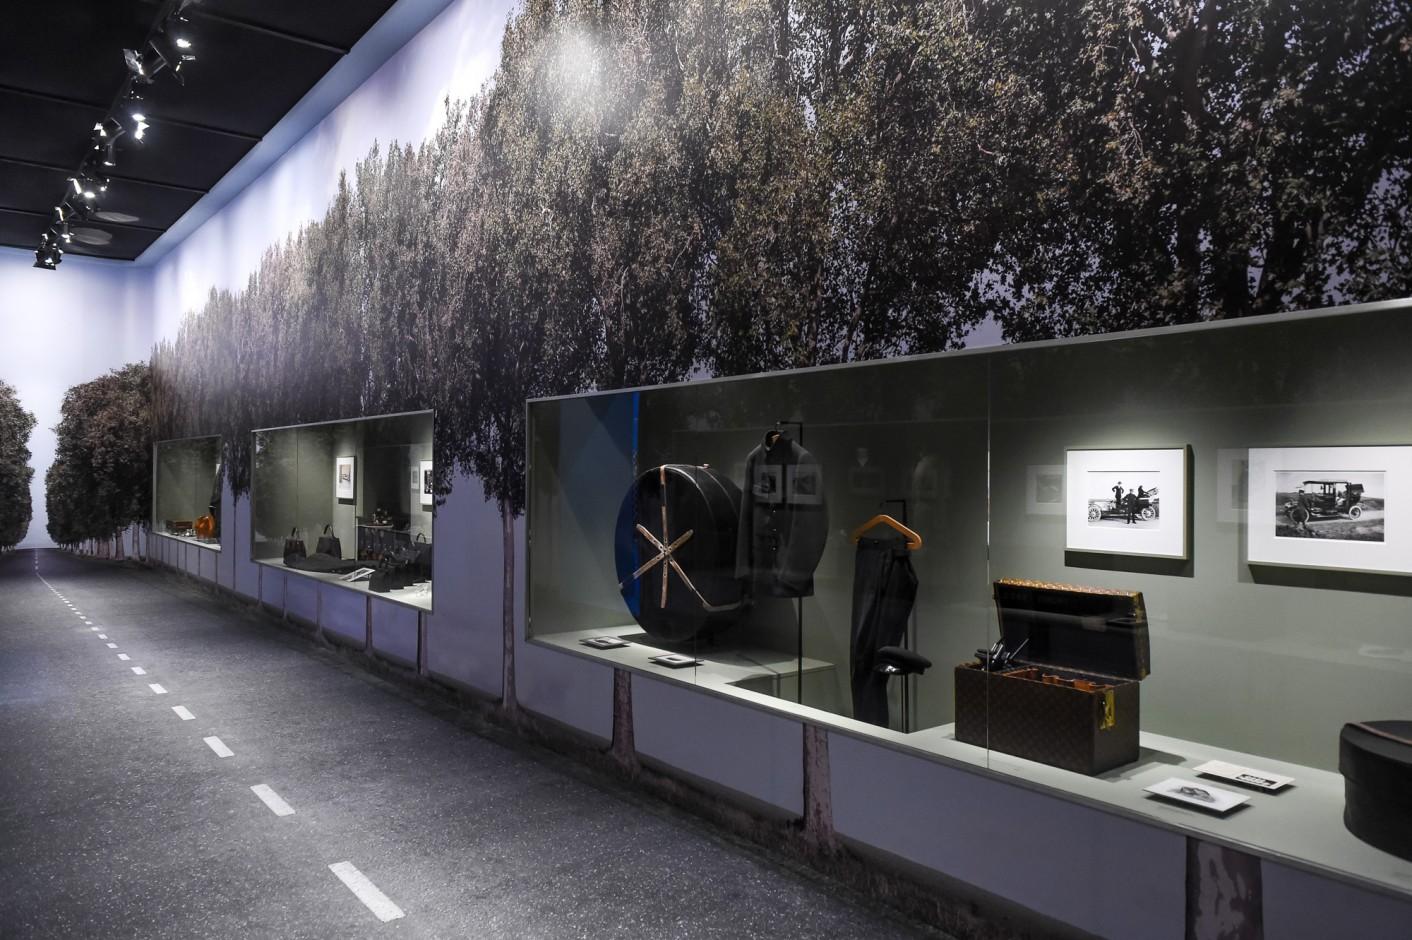 louis-vuitton-volez-voguez-voyagez-exhibition-new-york-7